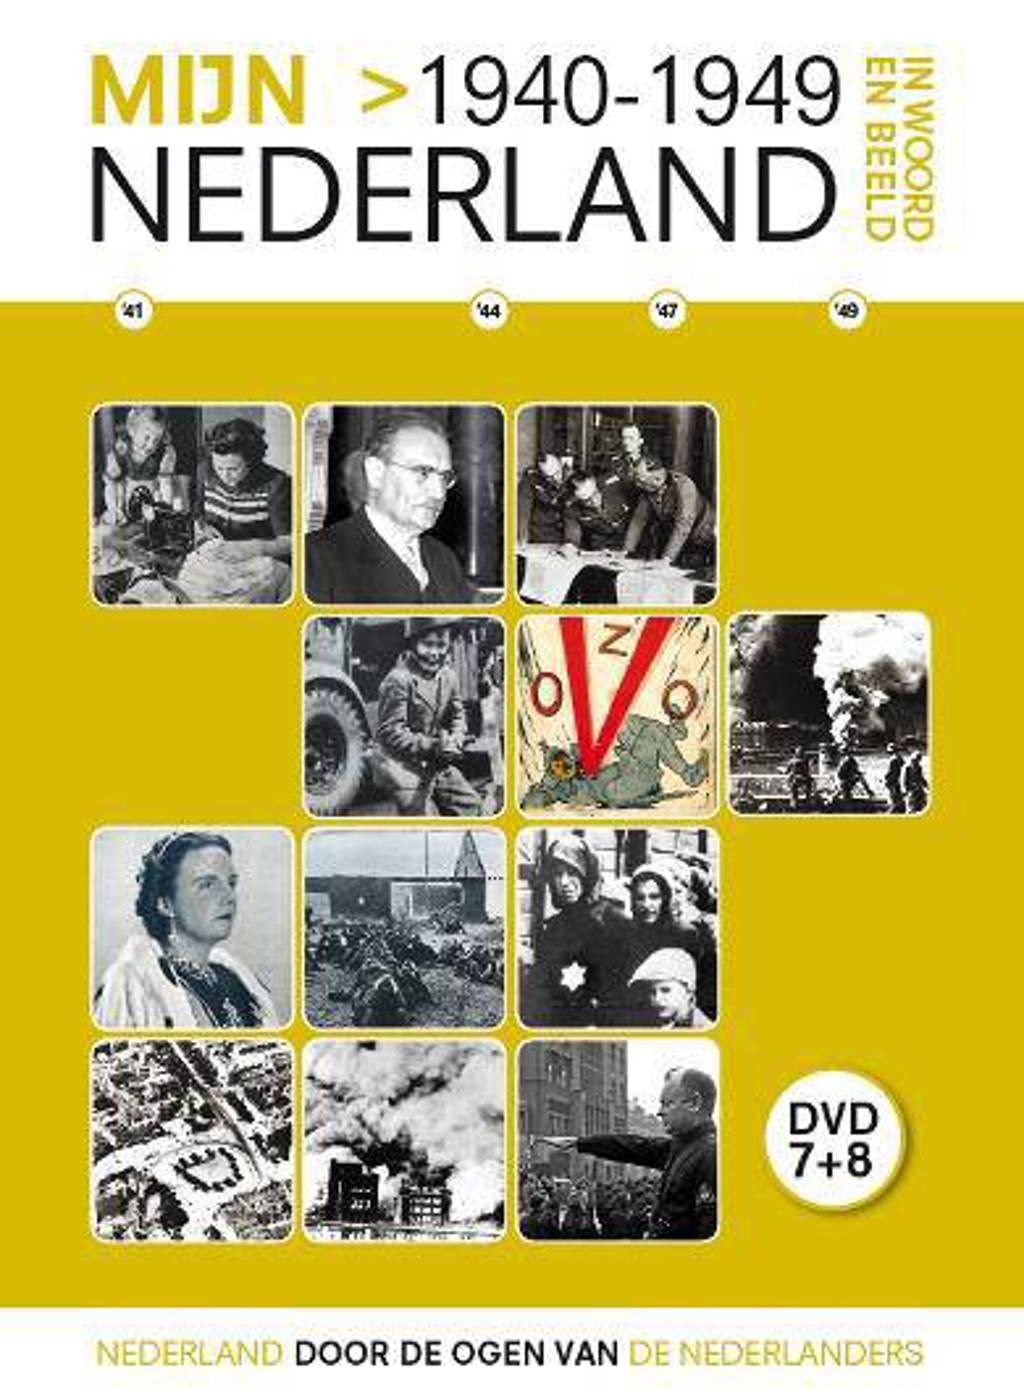 Mijn Nederland in woord en beeld - 1940-1949 (DVD)